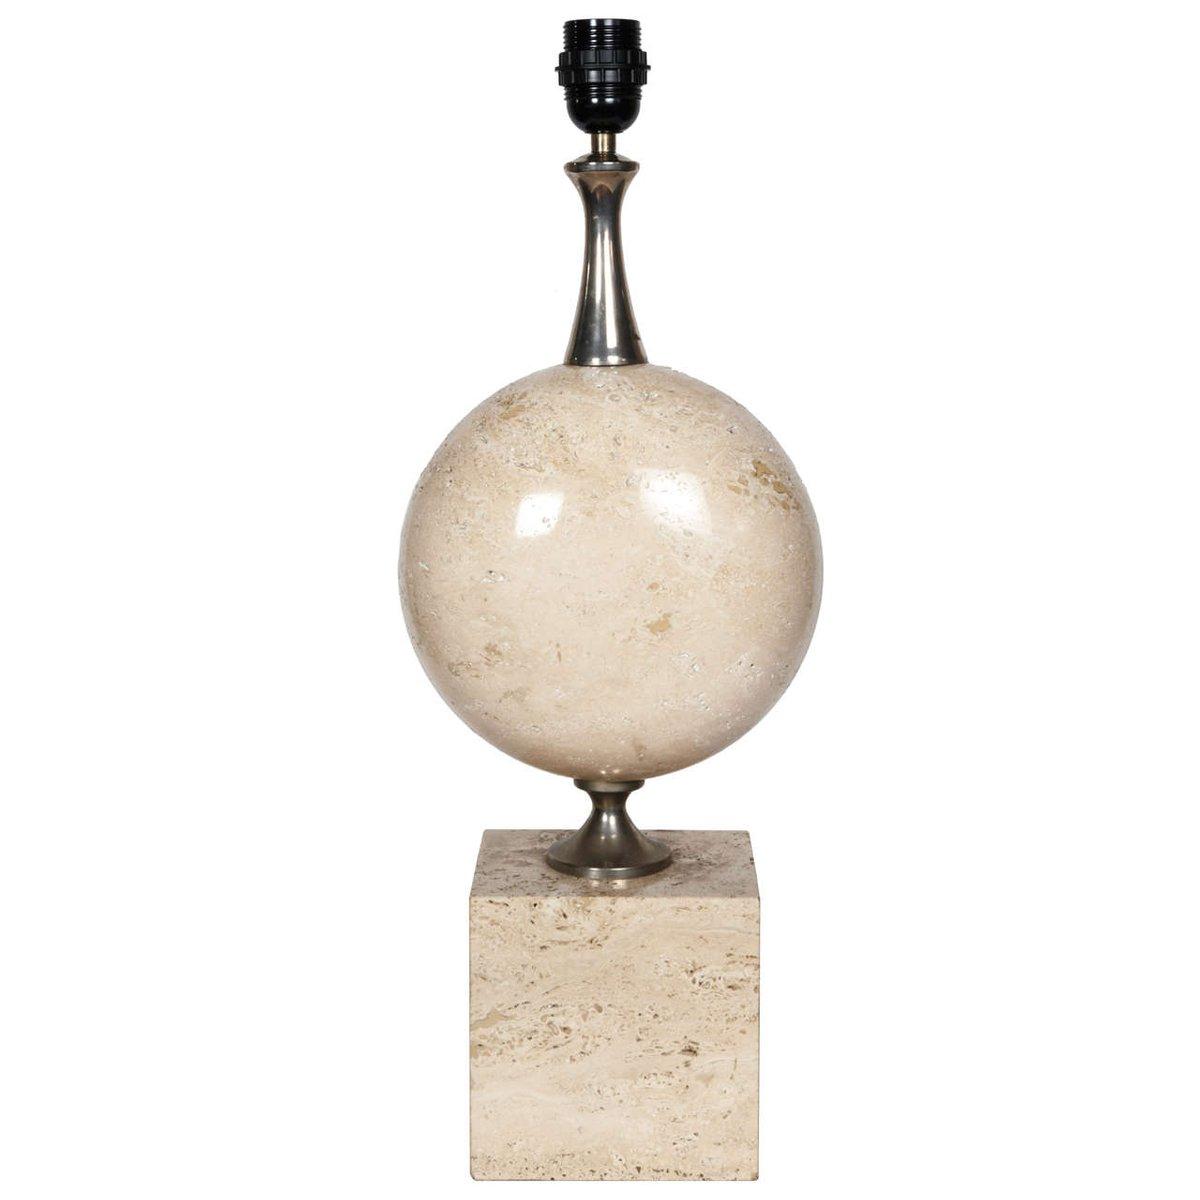 Vintage Travertin Lampe von Barbier